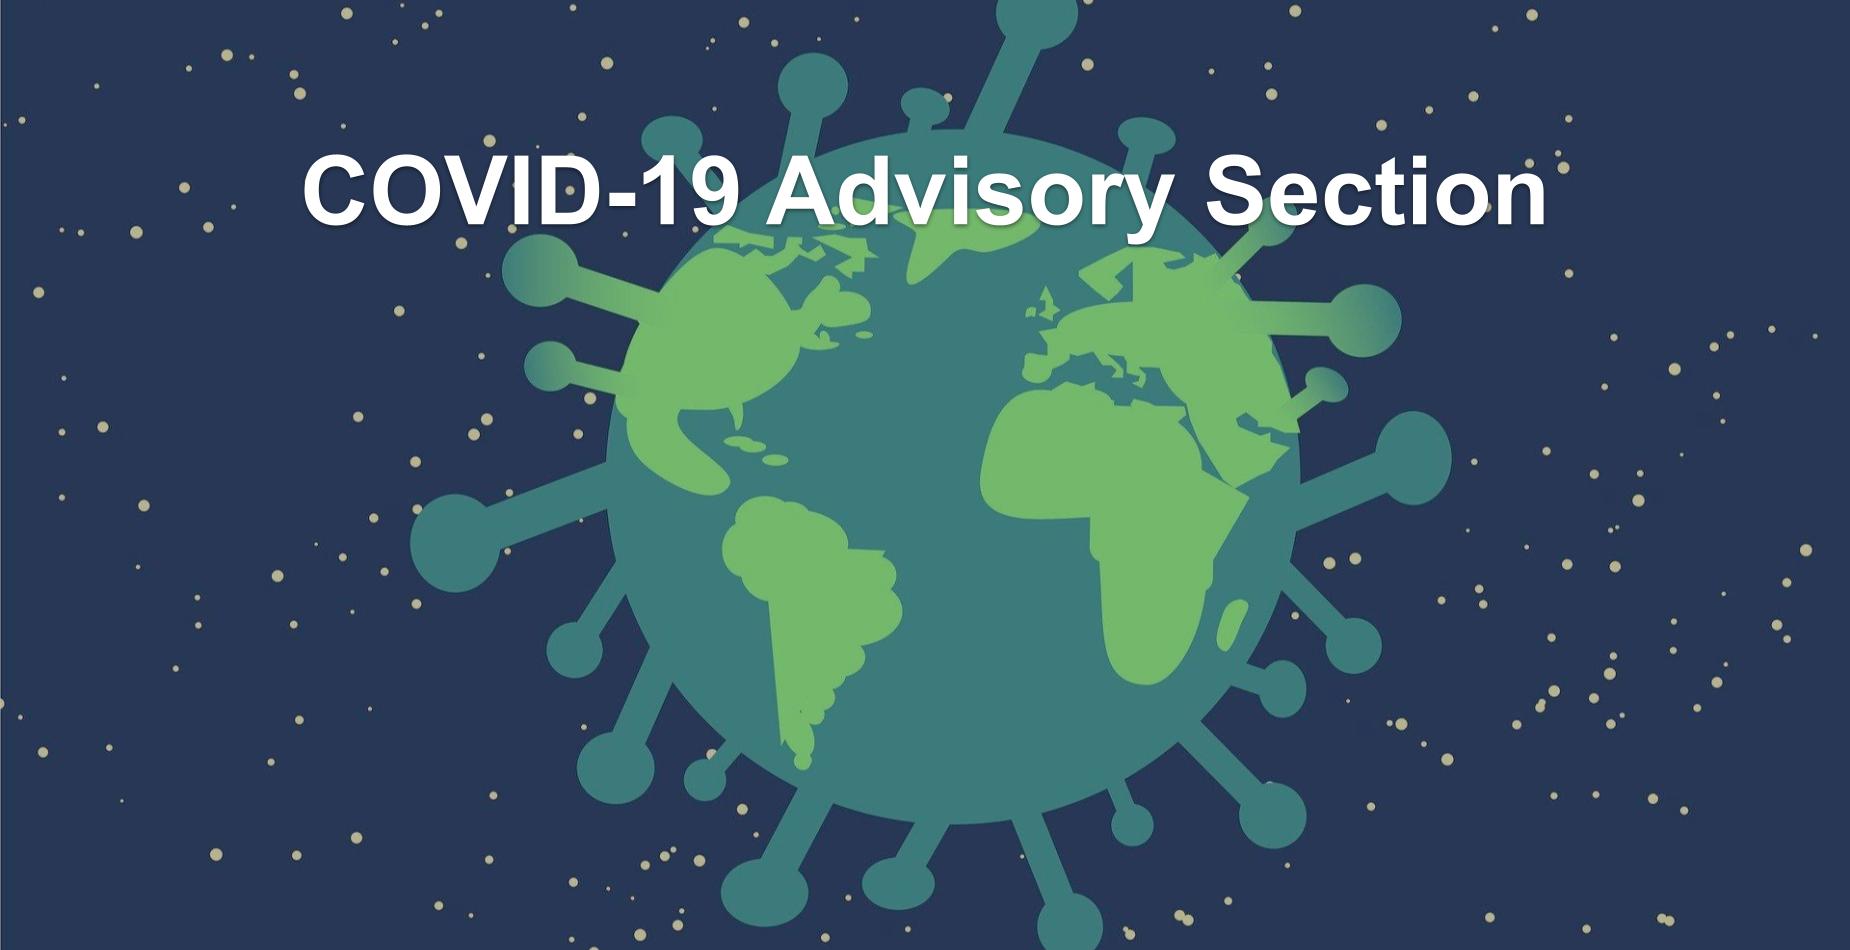 COVID-19 Advisory Section